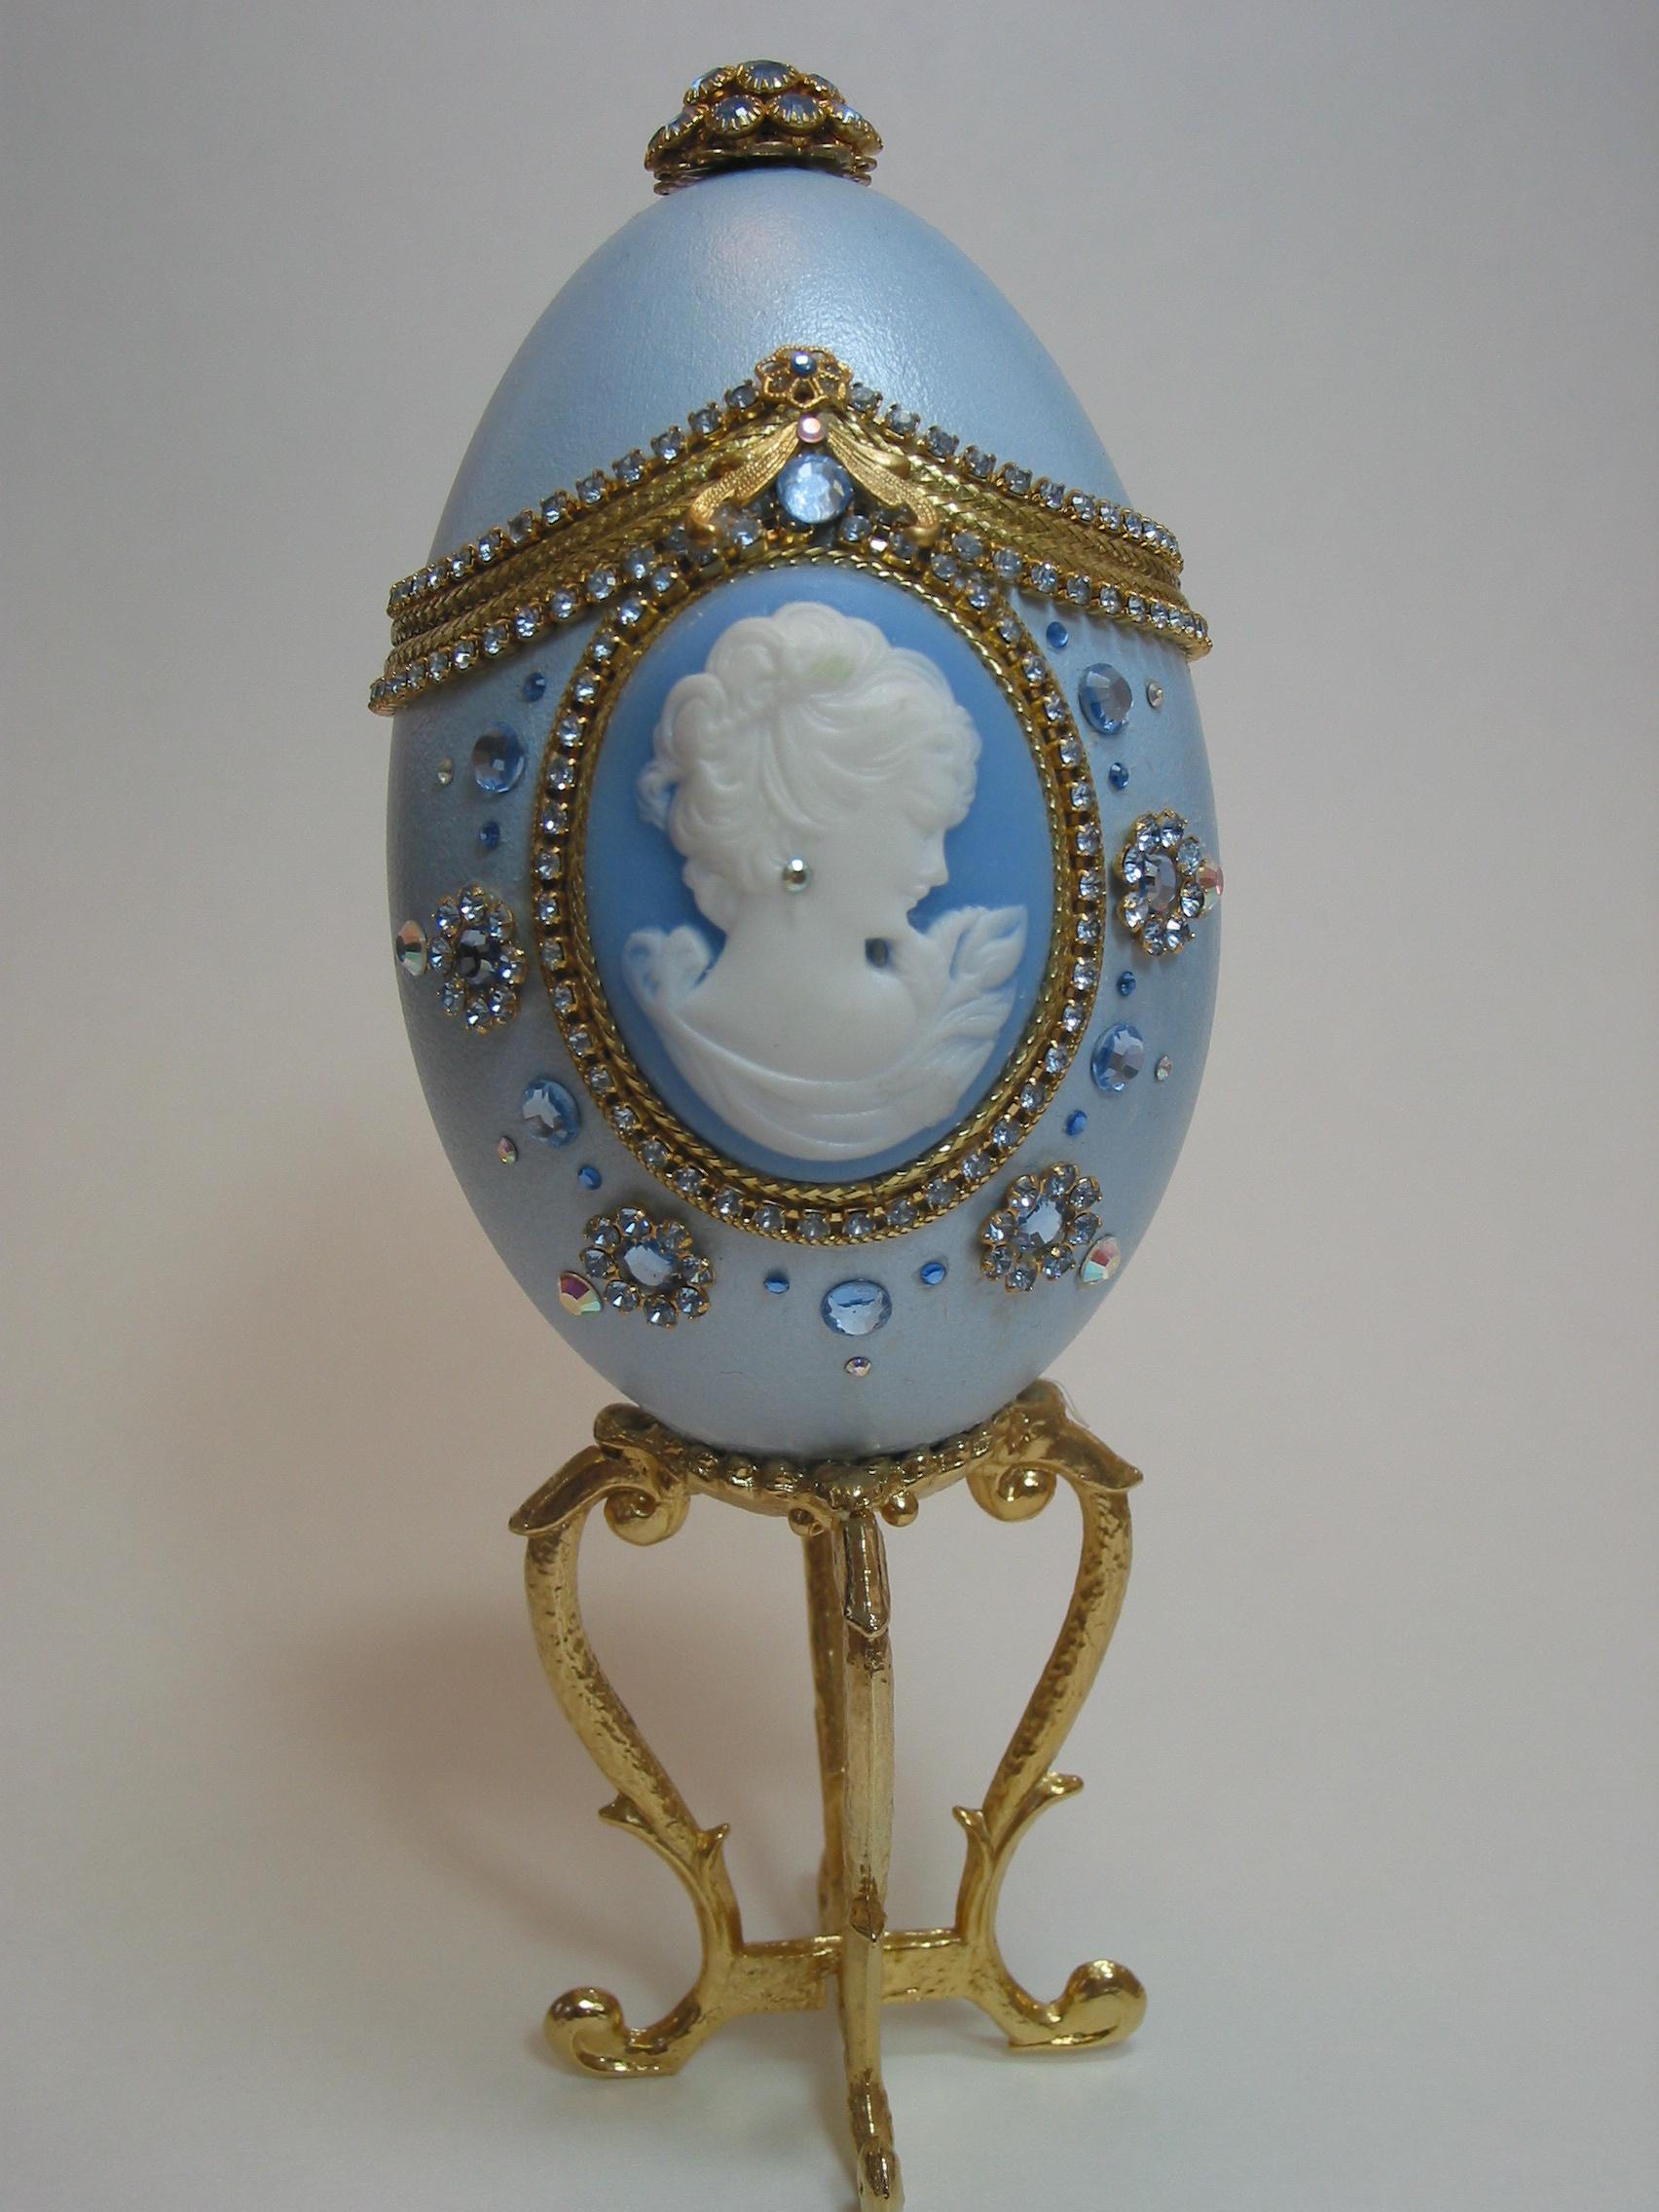 blue cameo goose egg.jpg